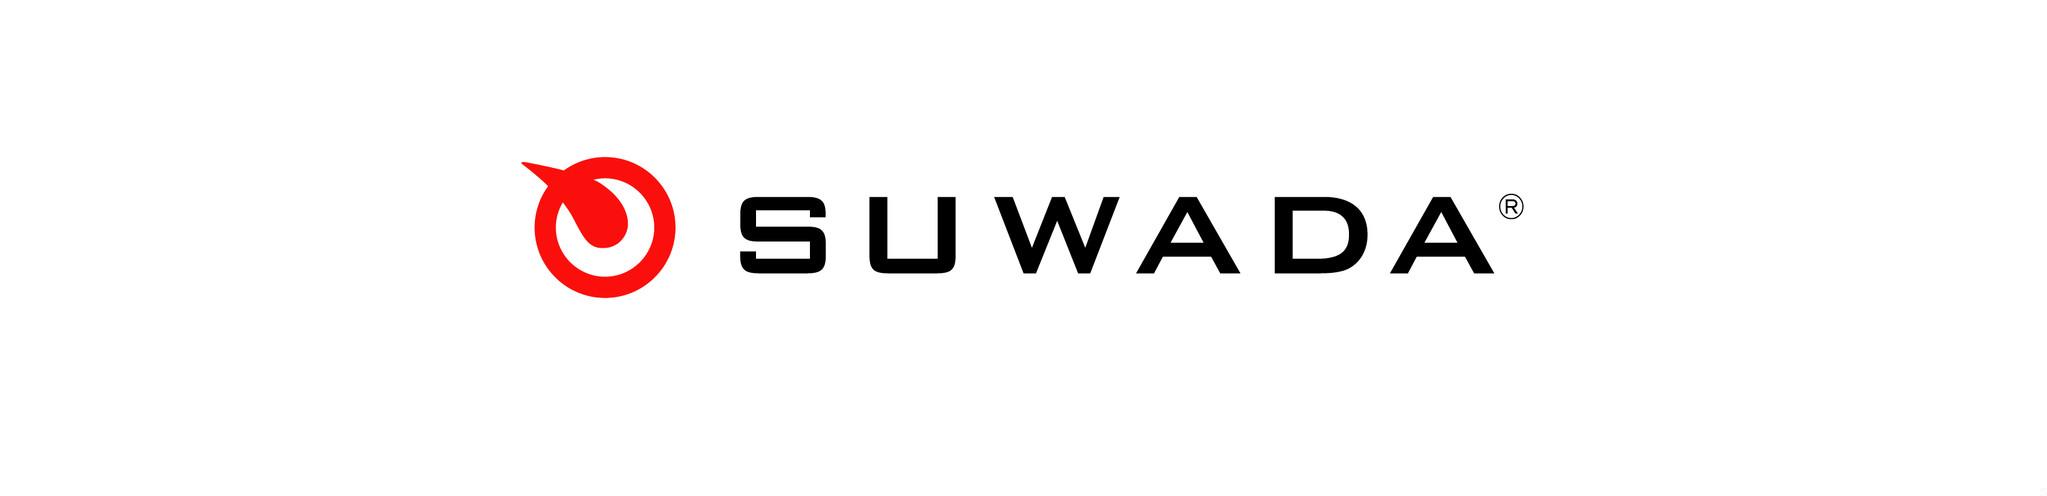 SUWADA ONLINE SHOP